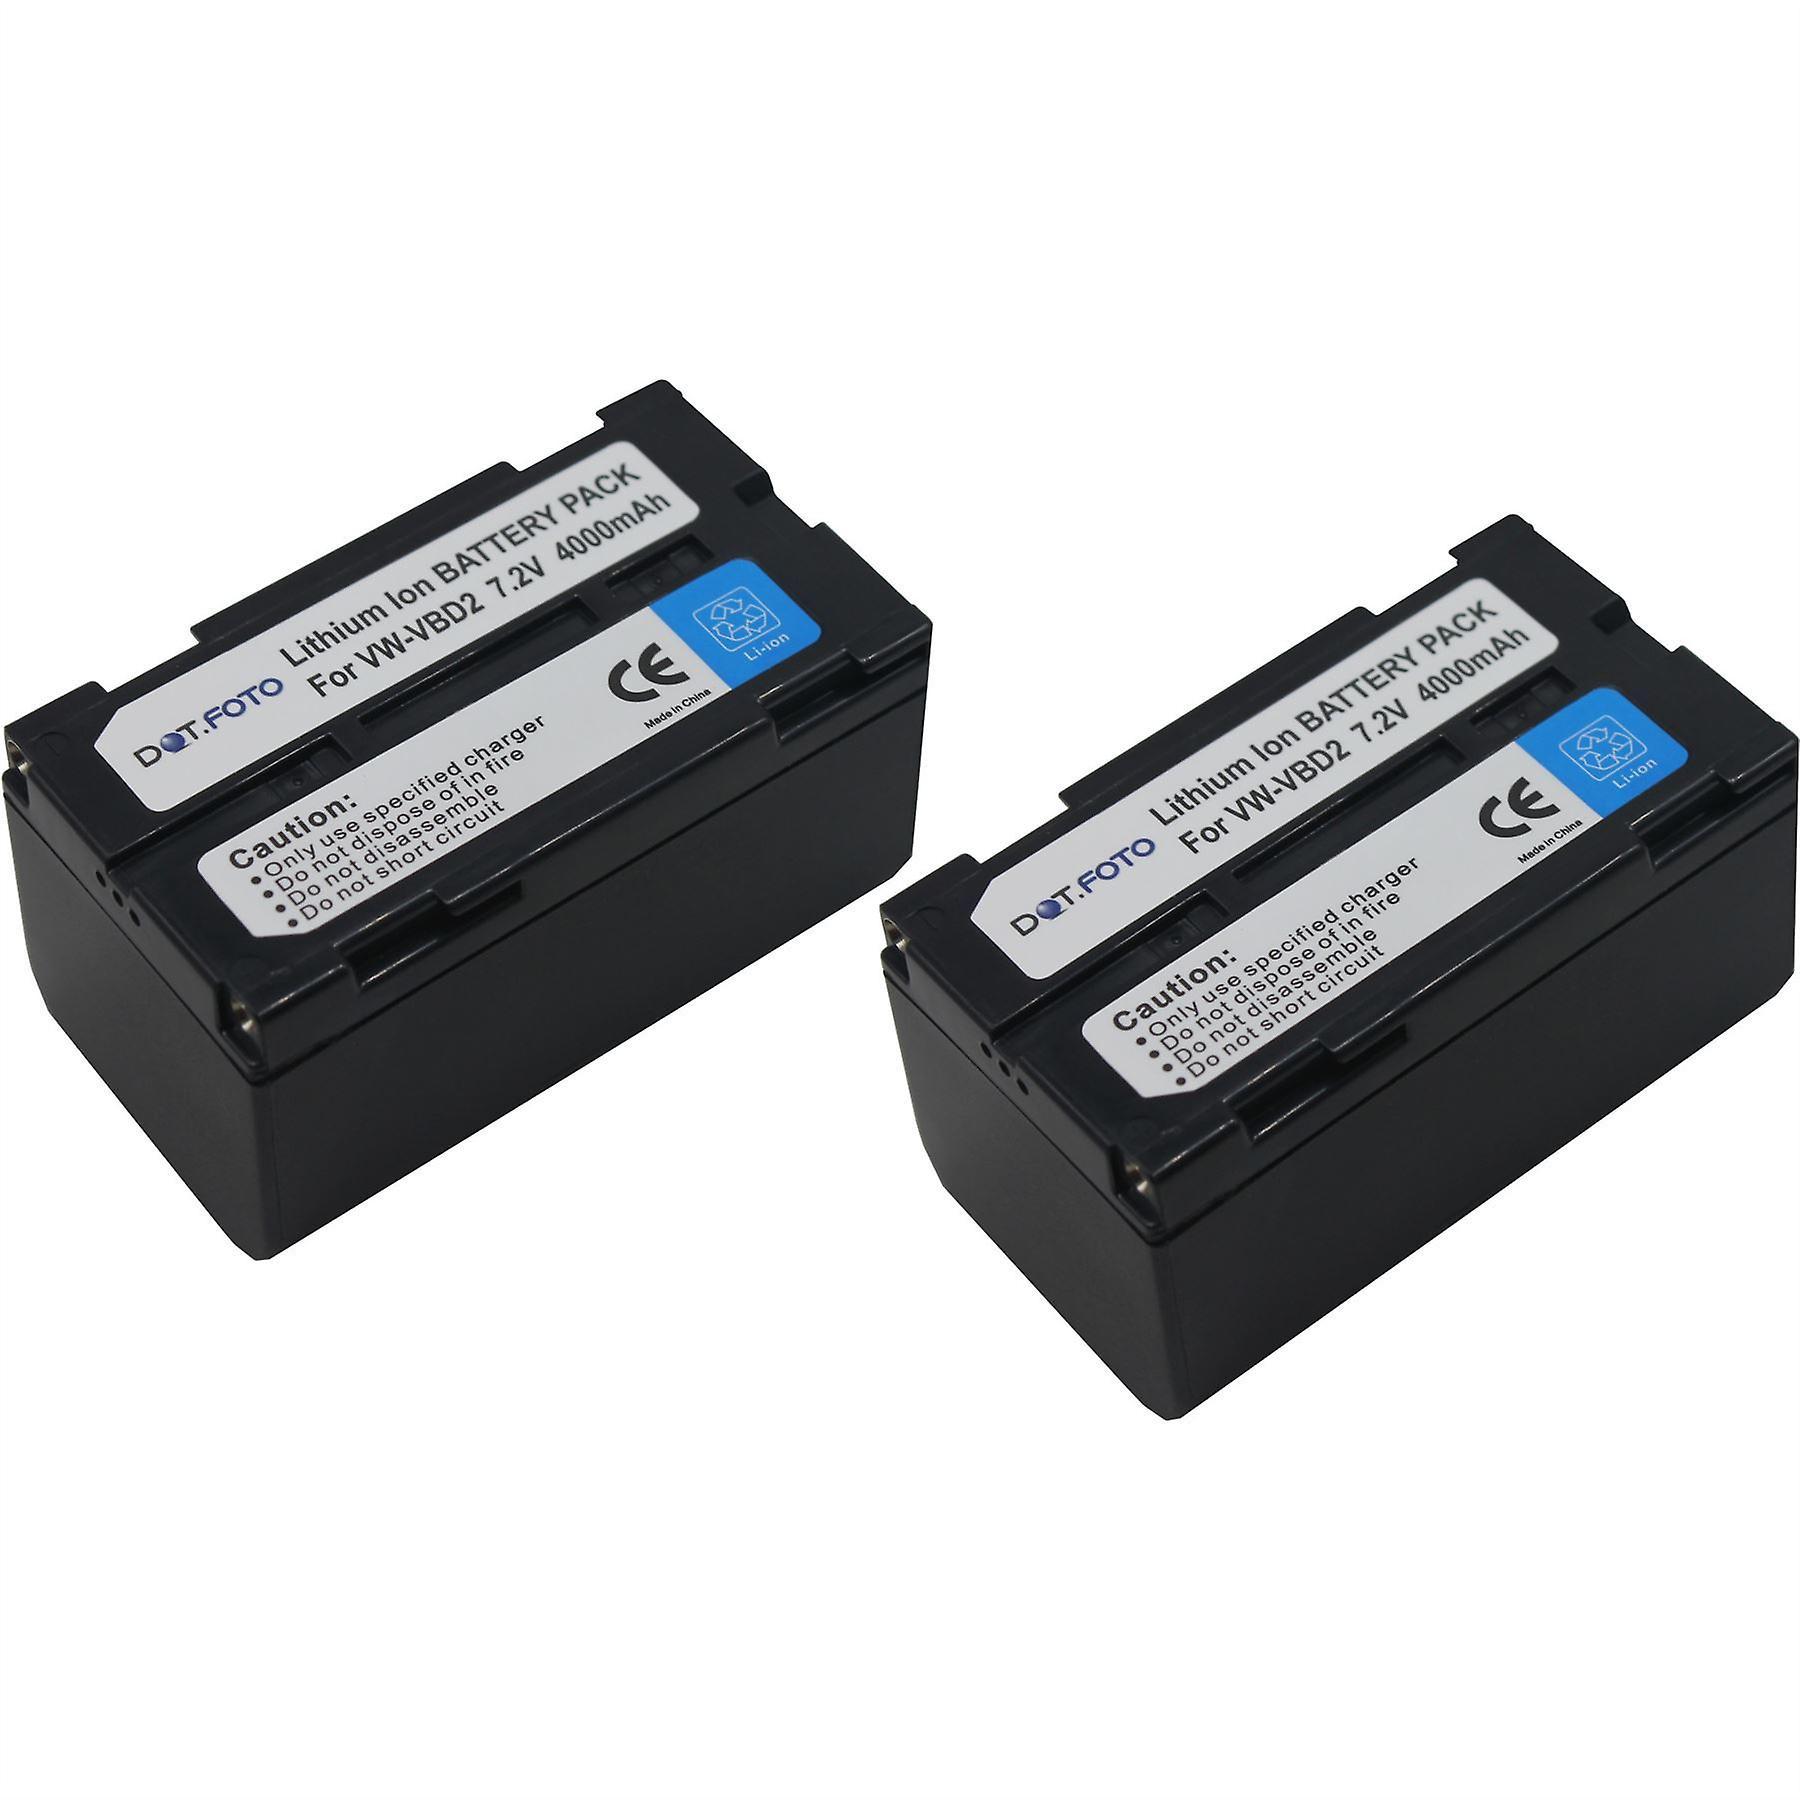 SJCAM SJ4000 Batterie Akku Deckel Replacement Ersatz Battery Cover f